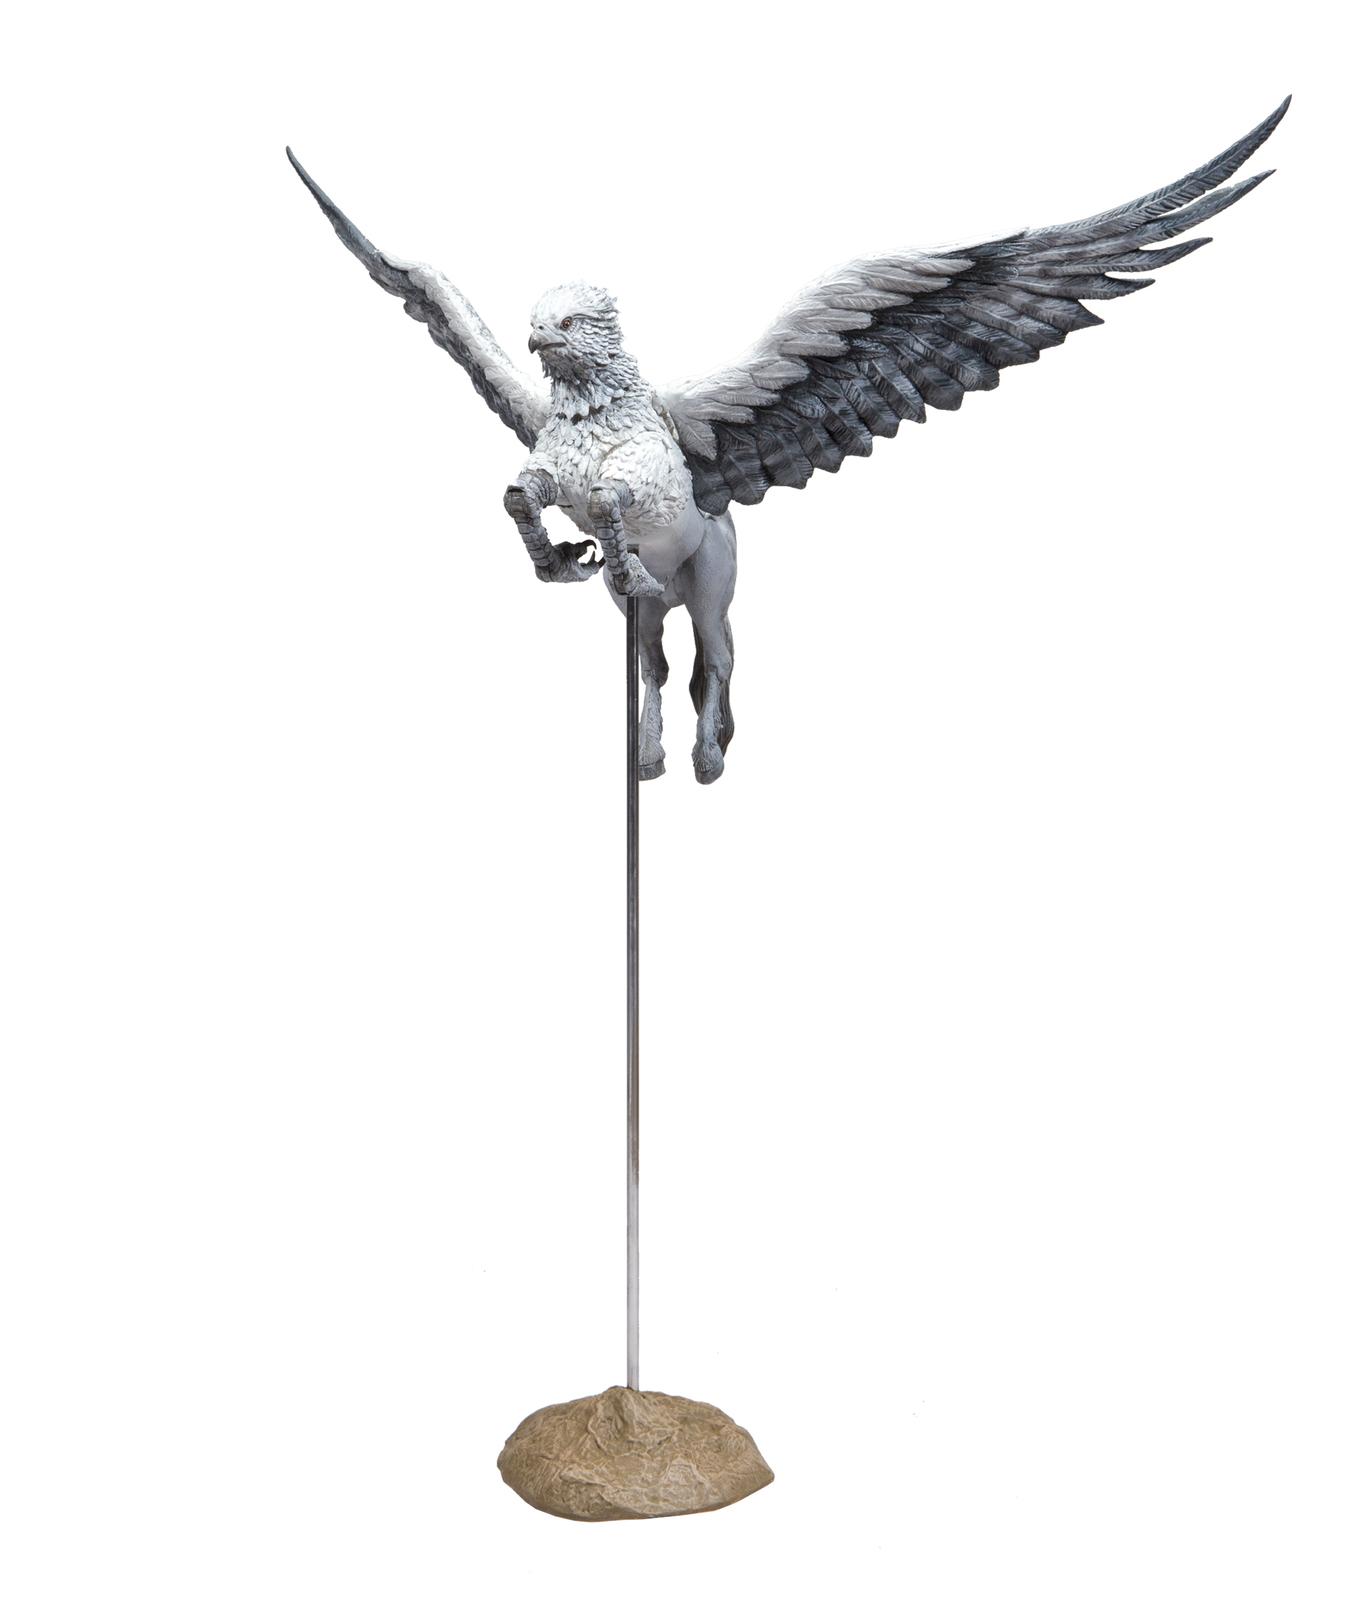 Harry Potter: Buckbeak - Deluxe Articulated Figure image